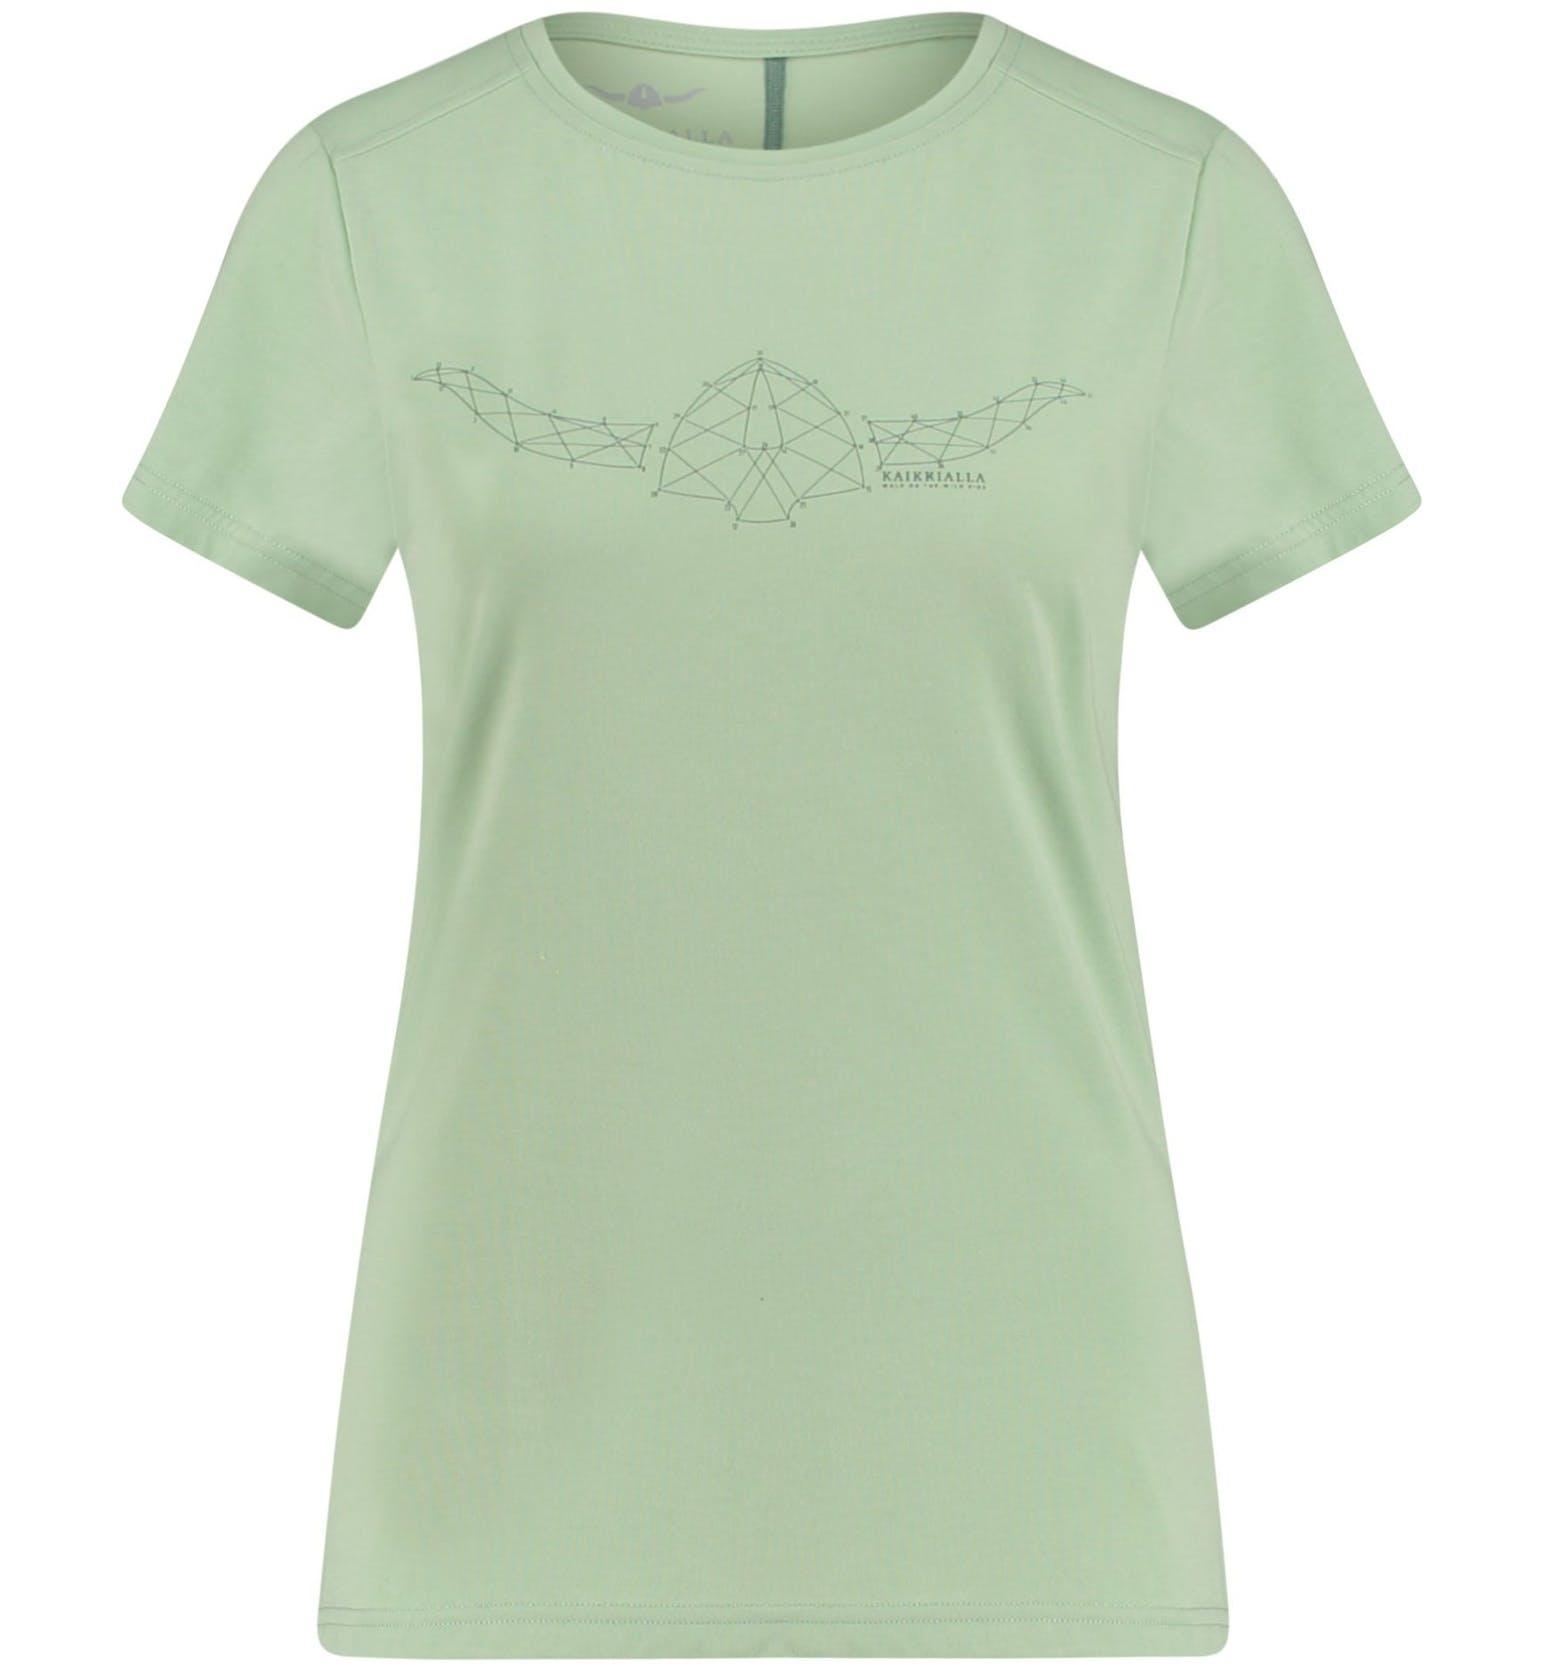 Kaikkialla Juliaana - T-Shirt Bergsport - Damen